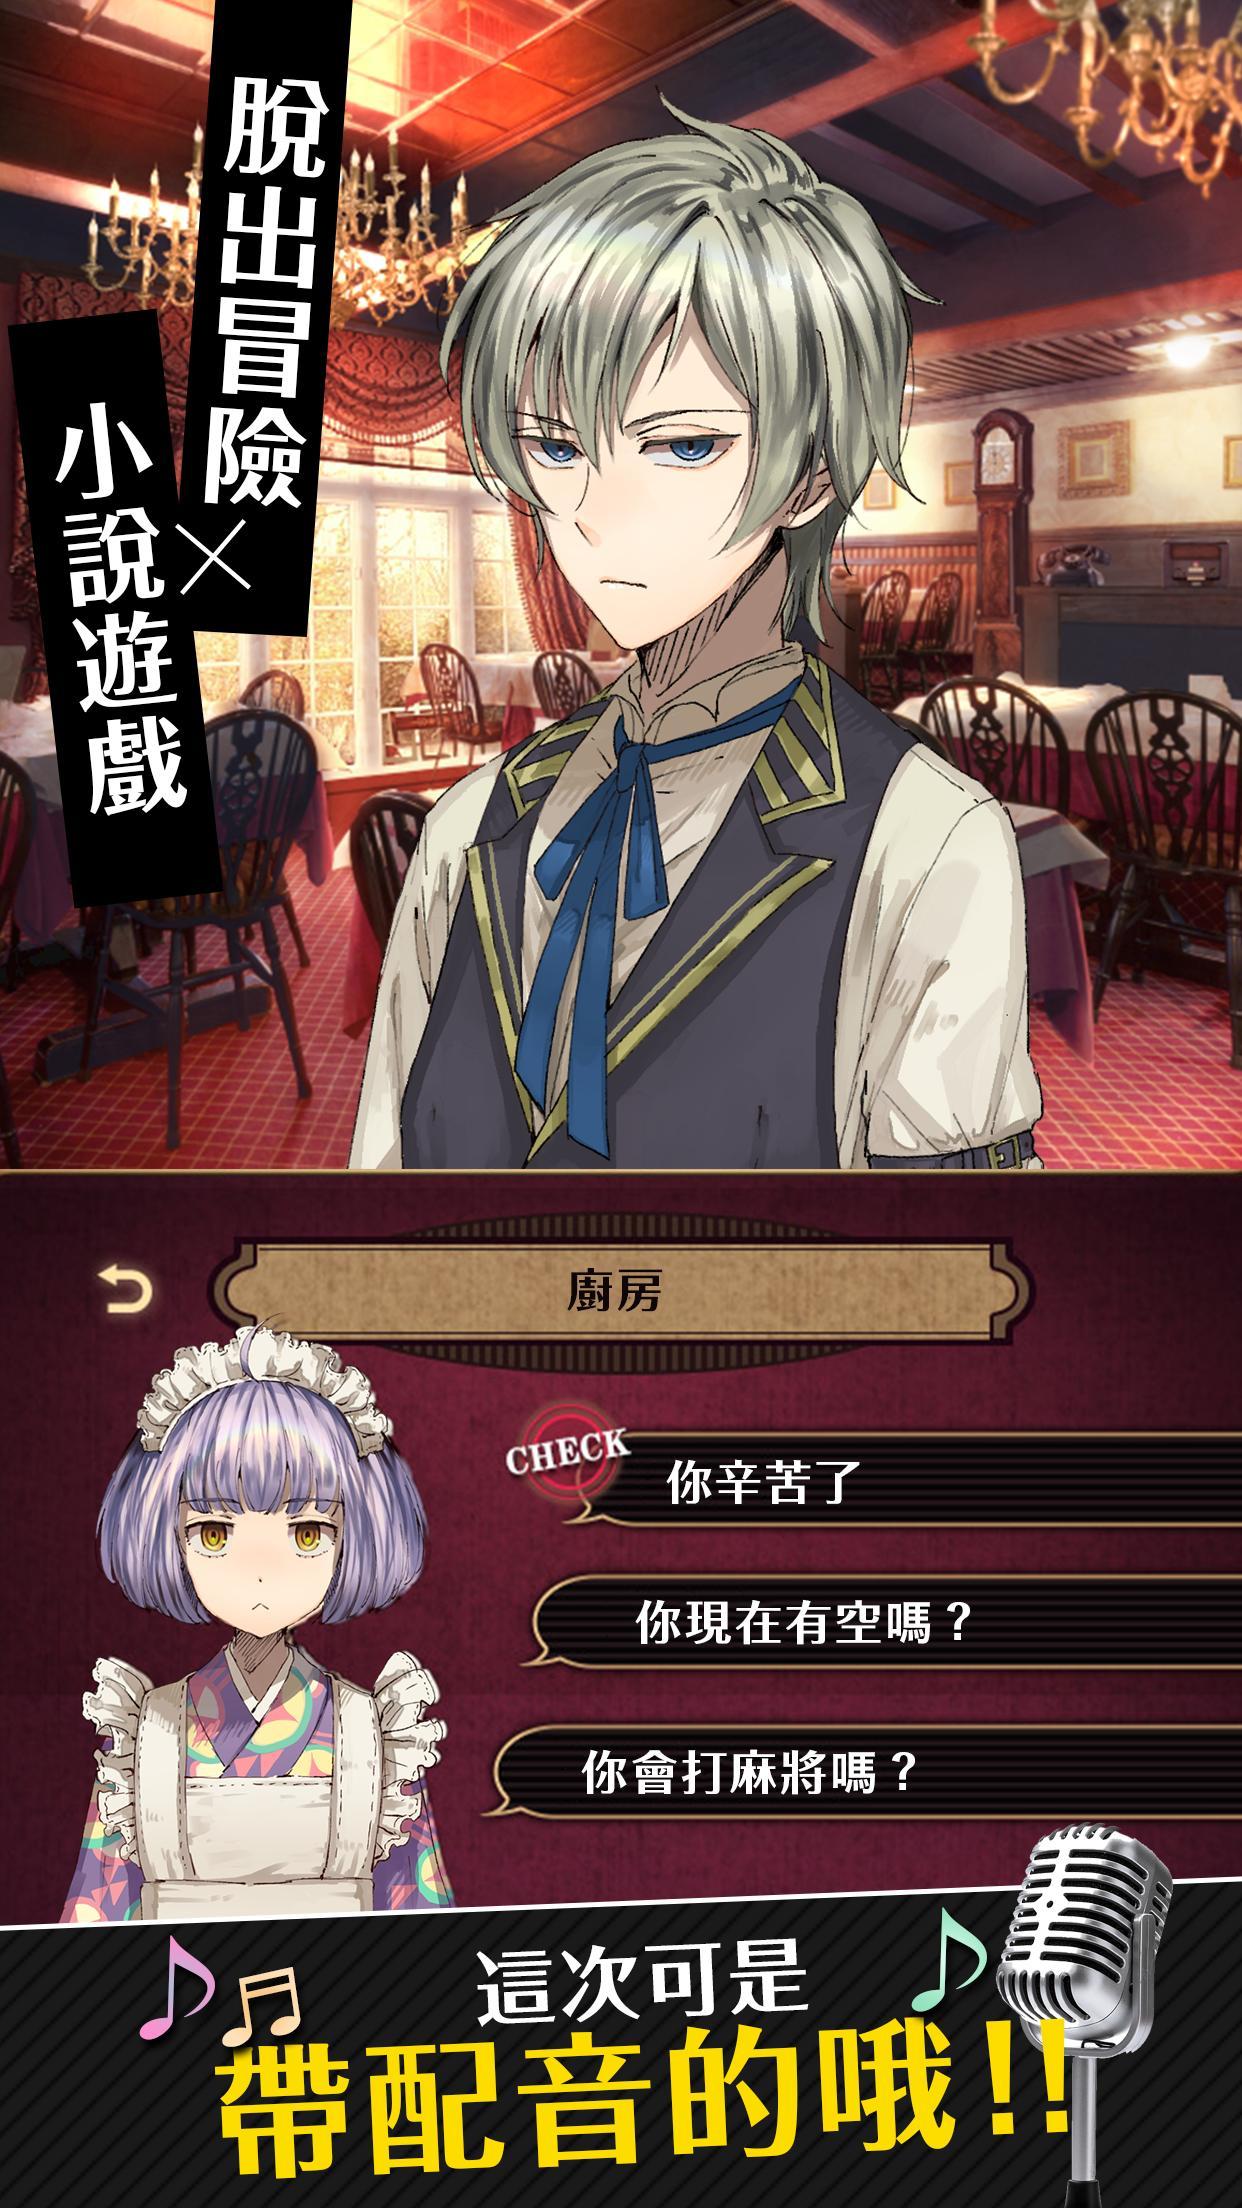 逃脫冒險遊戲 黃昏旅店 2.0.1 Screenshot 1